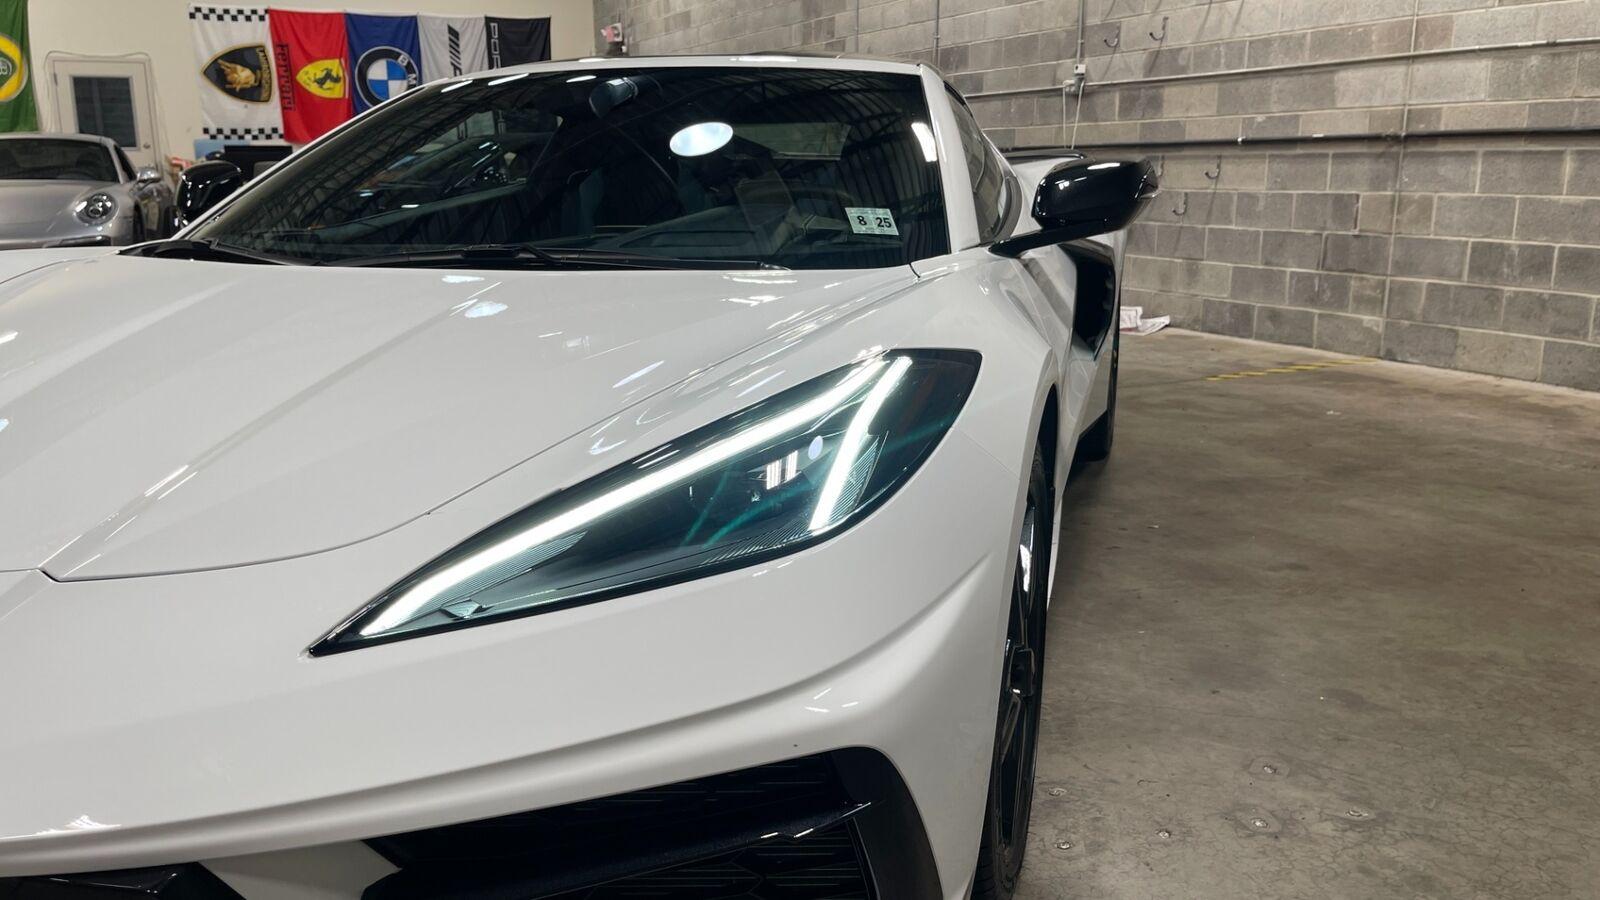 2020 White Chevrolet Corvette Stingray 3LT | C7 Corvette Photo 9